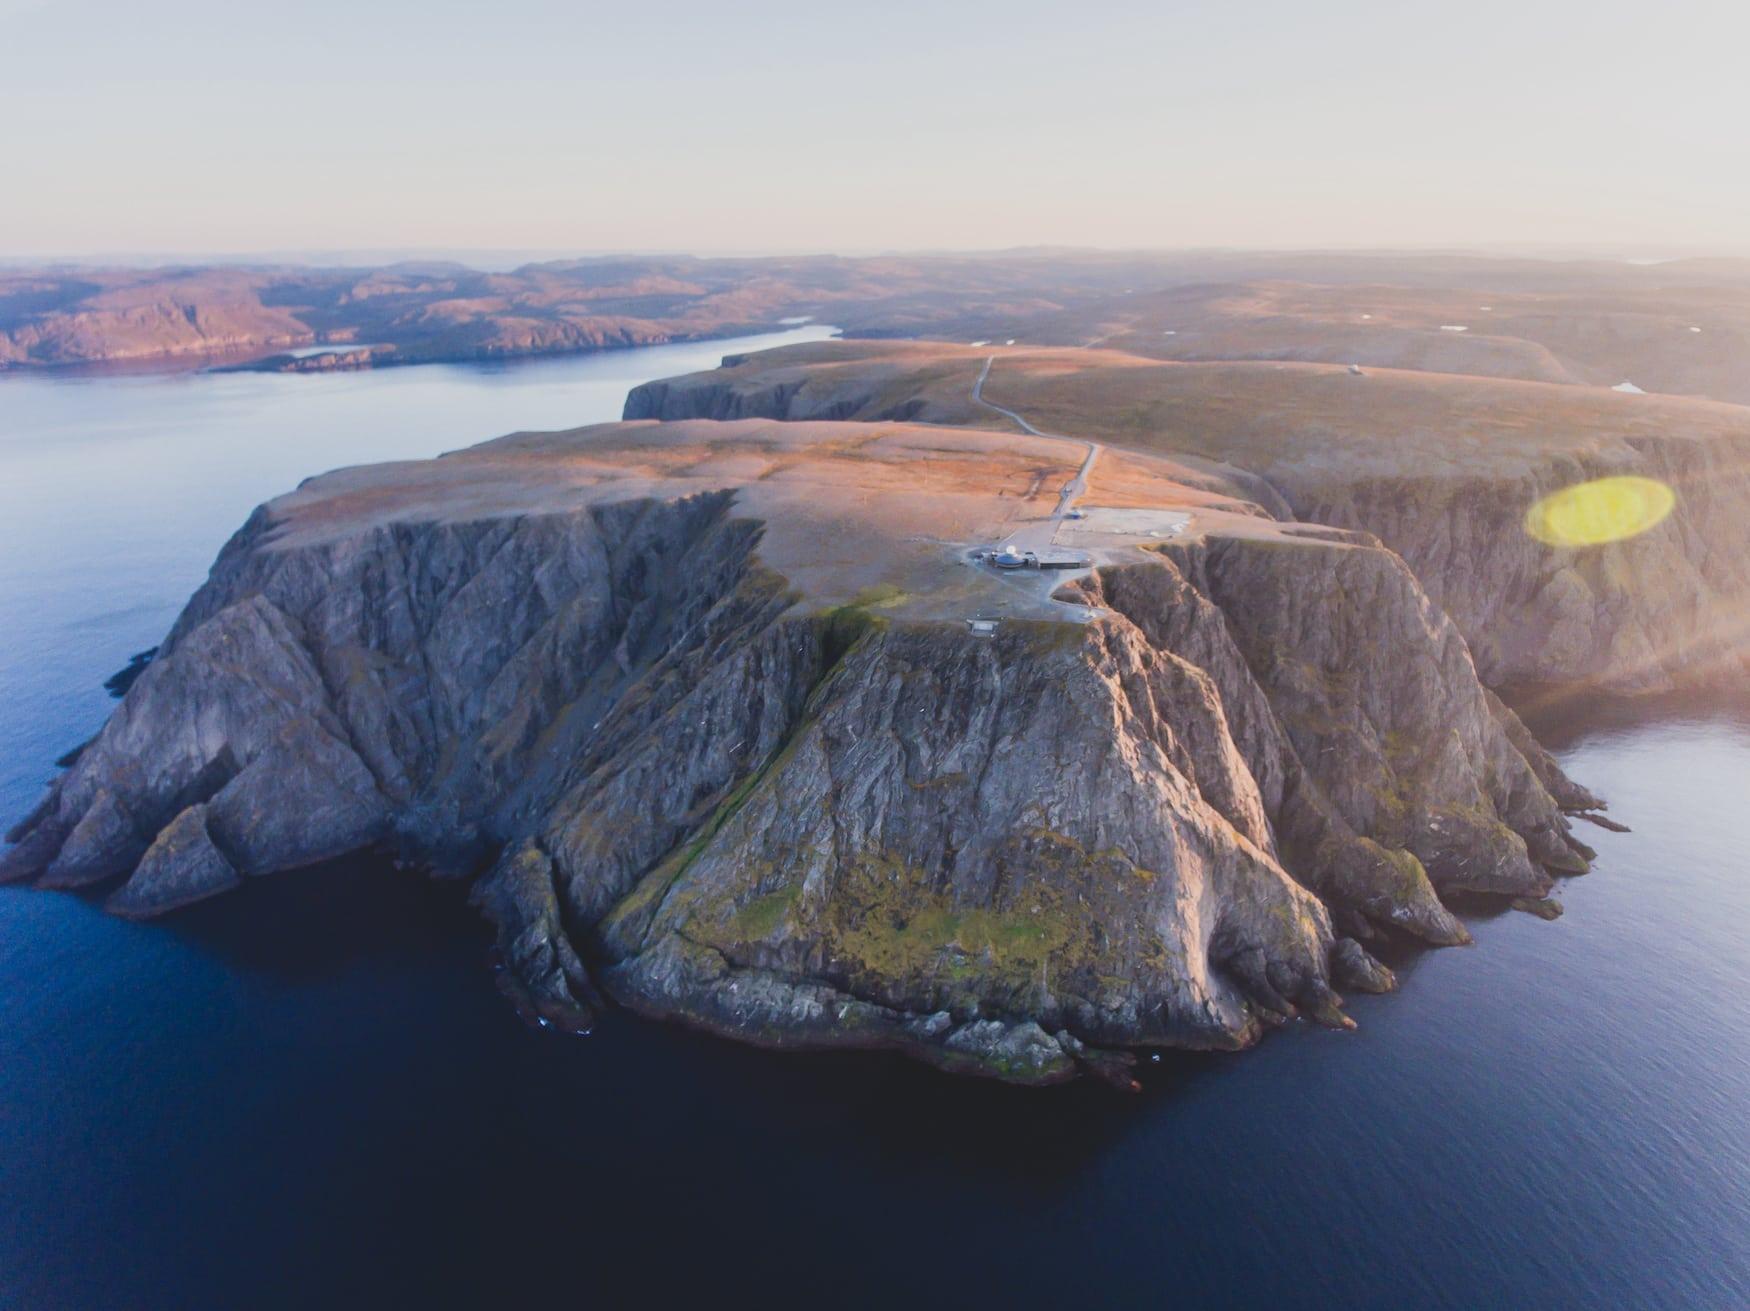 Dass das Nordkap der nördlichste Punkt Europas ist, ist einer der größten Reise Irrtümer